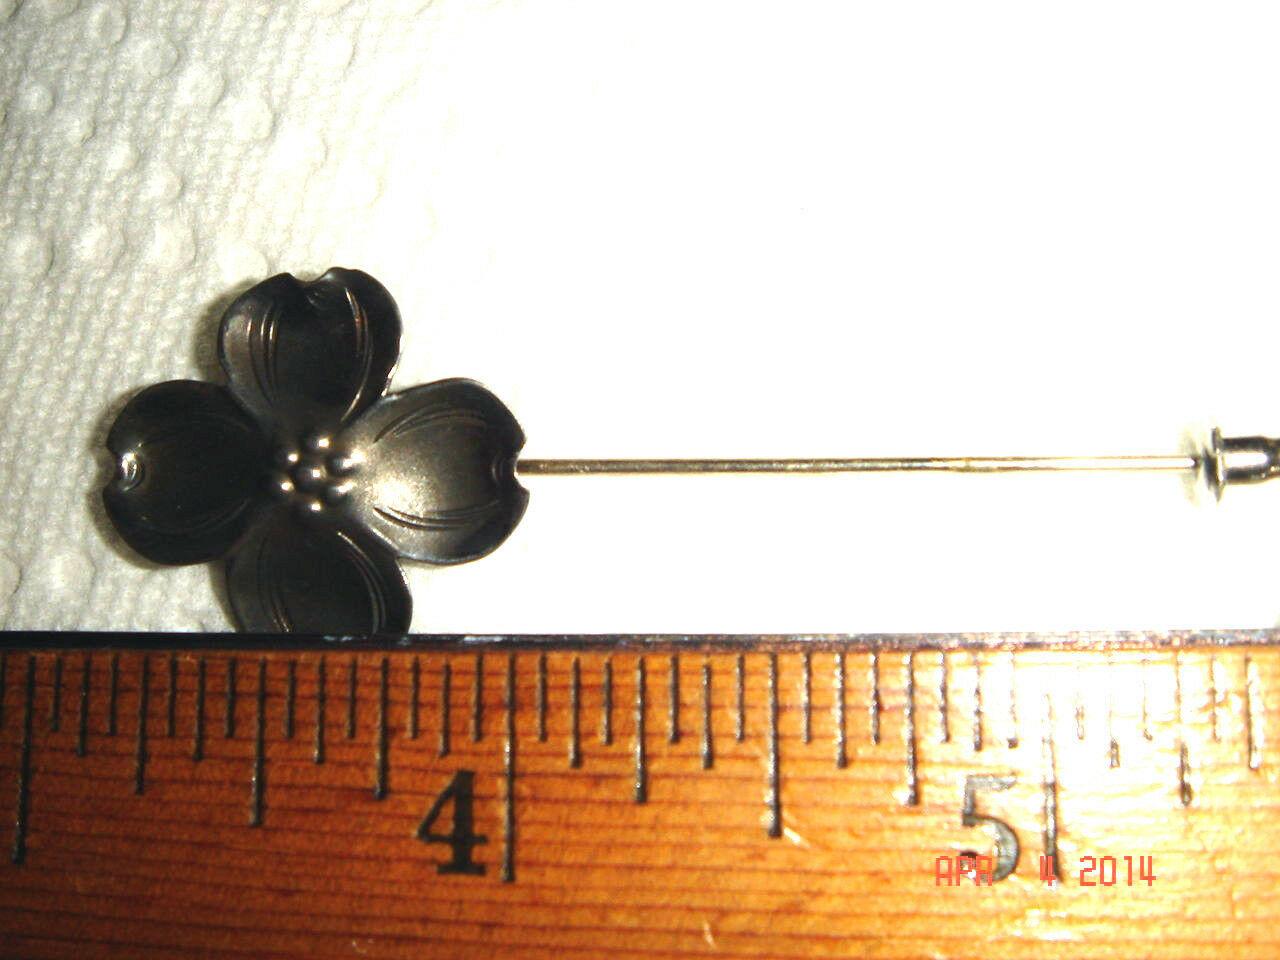 VTG 925 STERLING SILVER FLORAL DOGWOOD STIK PIN ADJUSTABLE RING CLIP EARRING SET